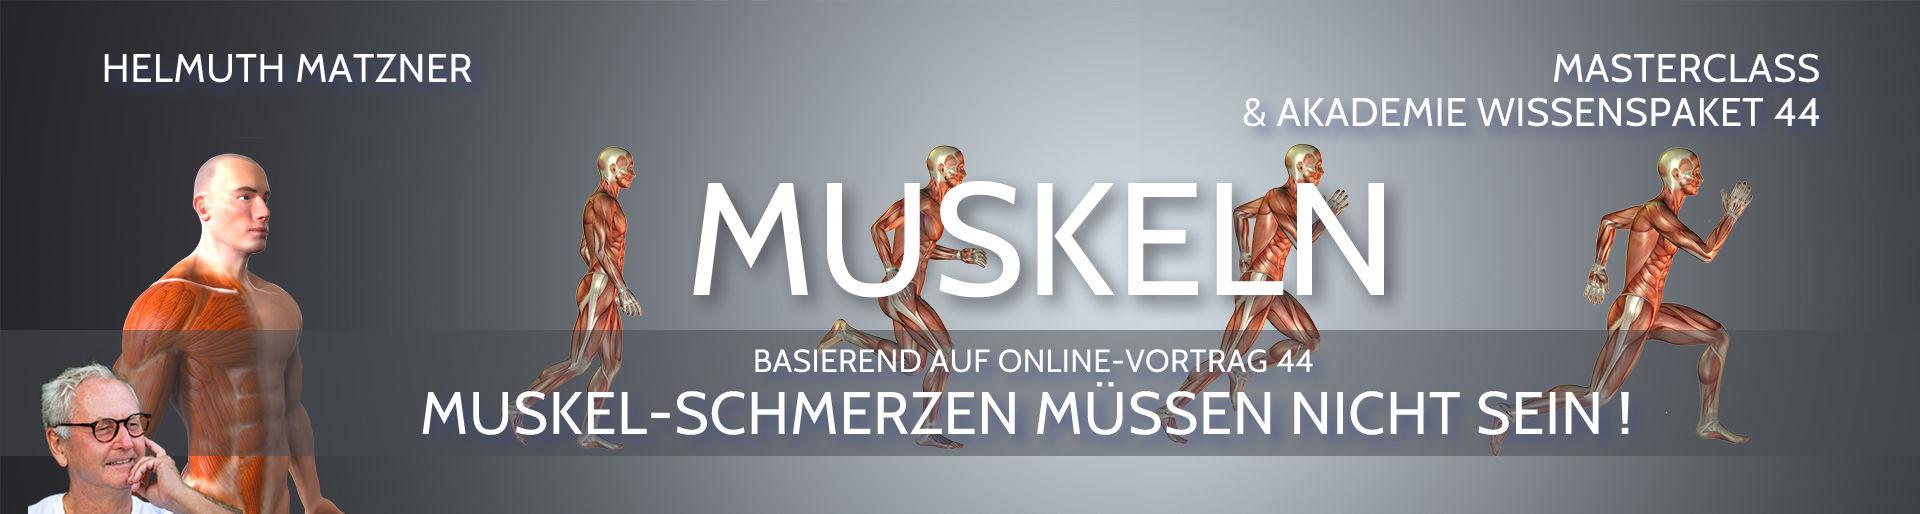 Helmuth Matzner - Masterclass & Akademie Wissenspaket 44 - Muskeln - Banner 1D2